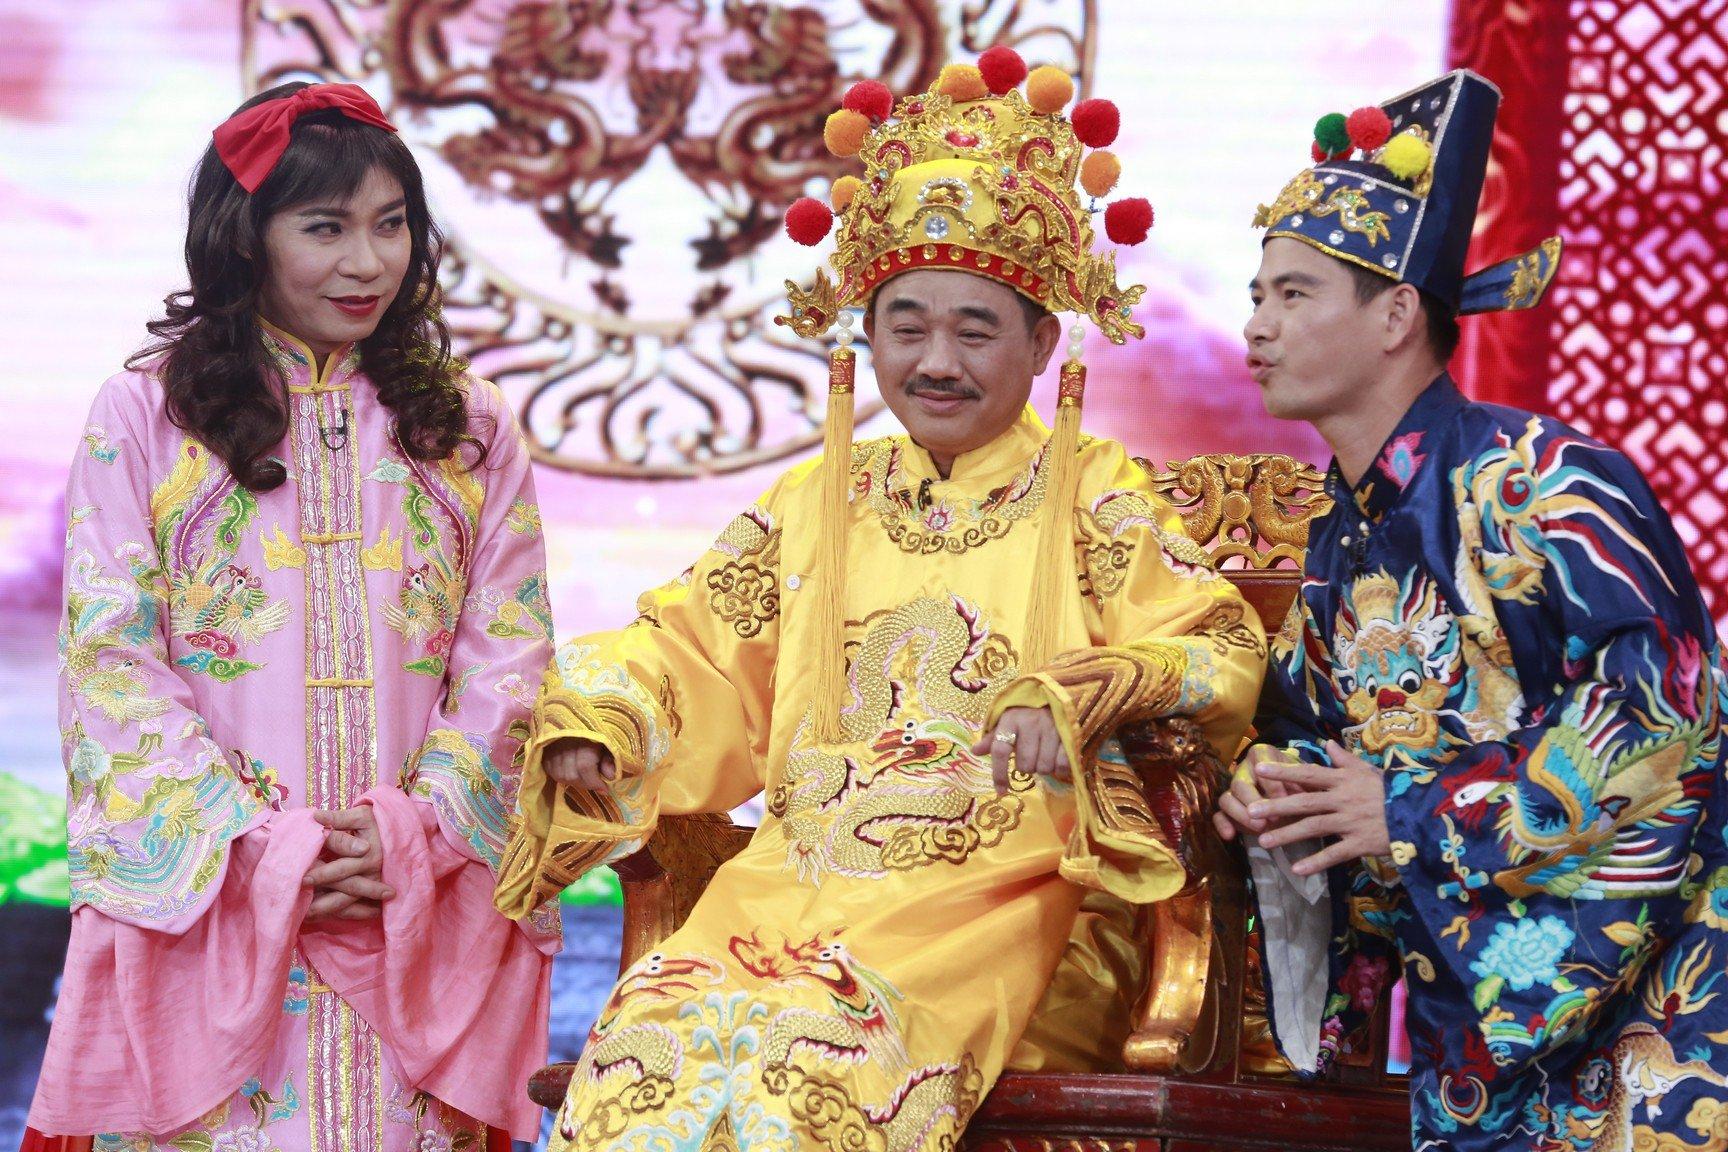 Hanh trinh nhan sac cua cap bai trung Nam Tao - Bac Dau trong 15 nam hinh anh 20